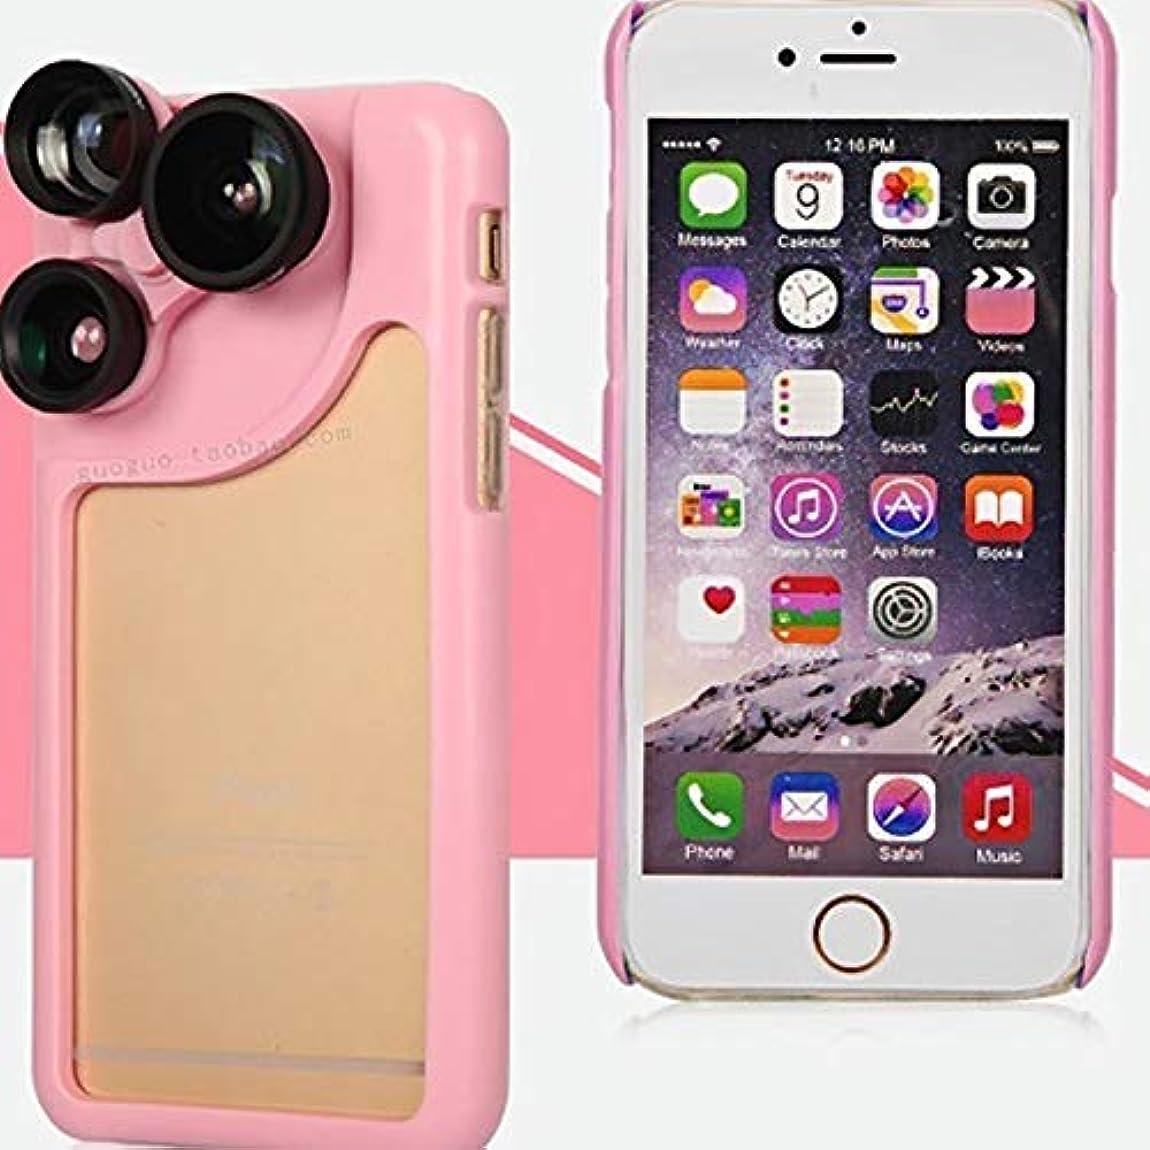 トラブルバレエ人質Jicorzo - 4 iphone 6S 6プラスPC +シリコーン写真シェル保護Retaill包装ボックスの1のカメラレンズカバーケースで